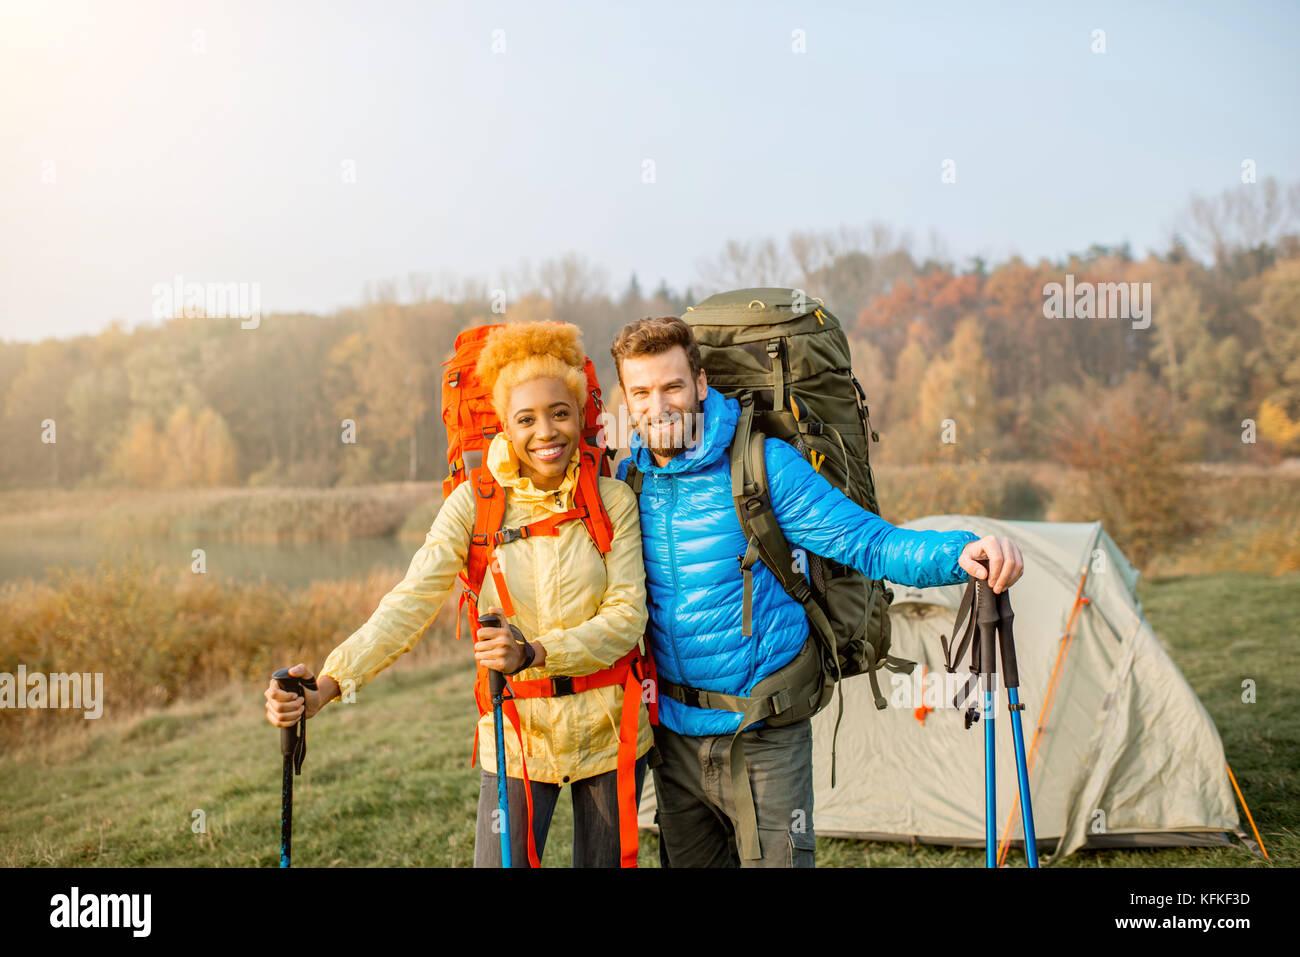 Escursionismo coppia con zaini Immagini Stock